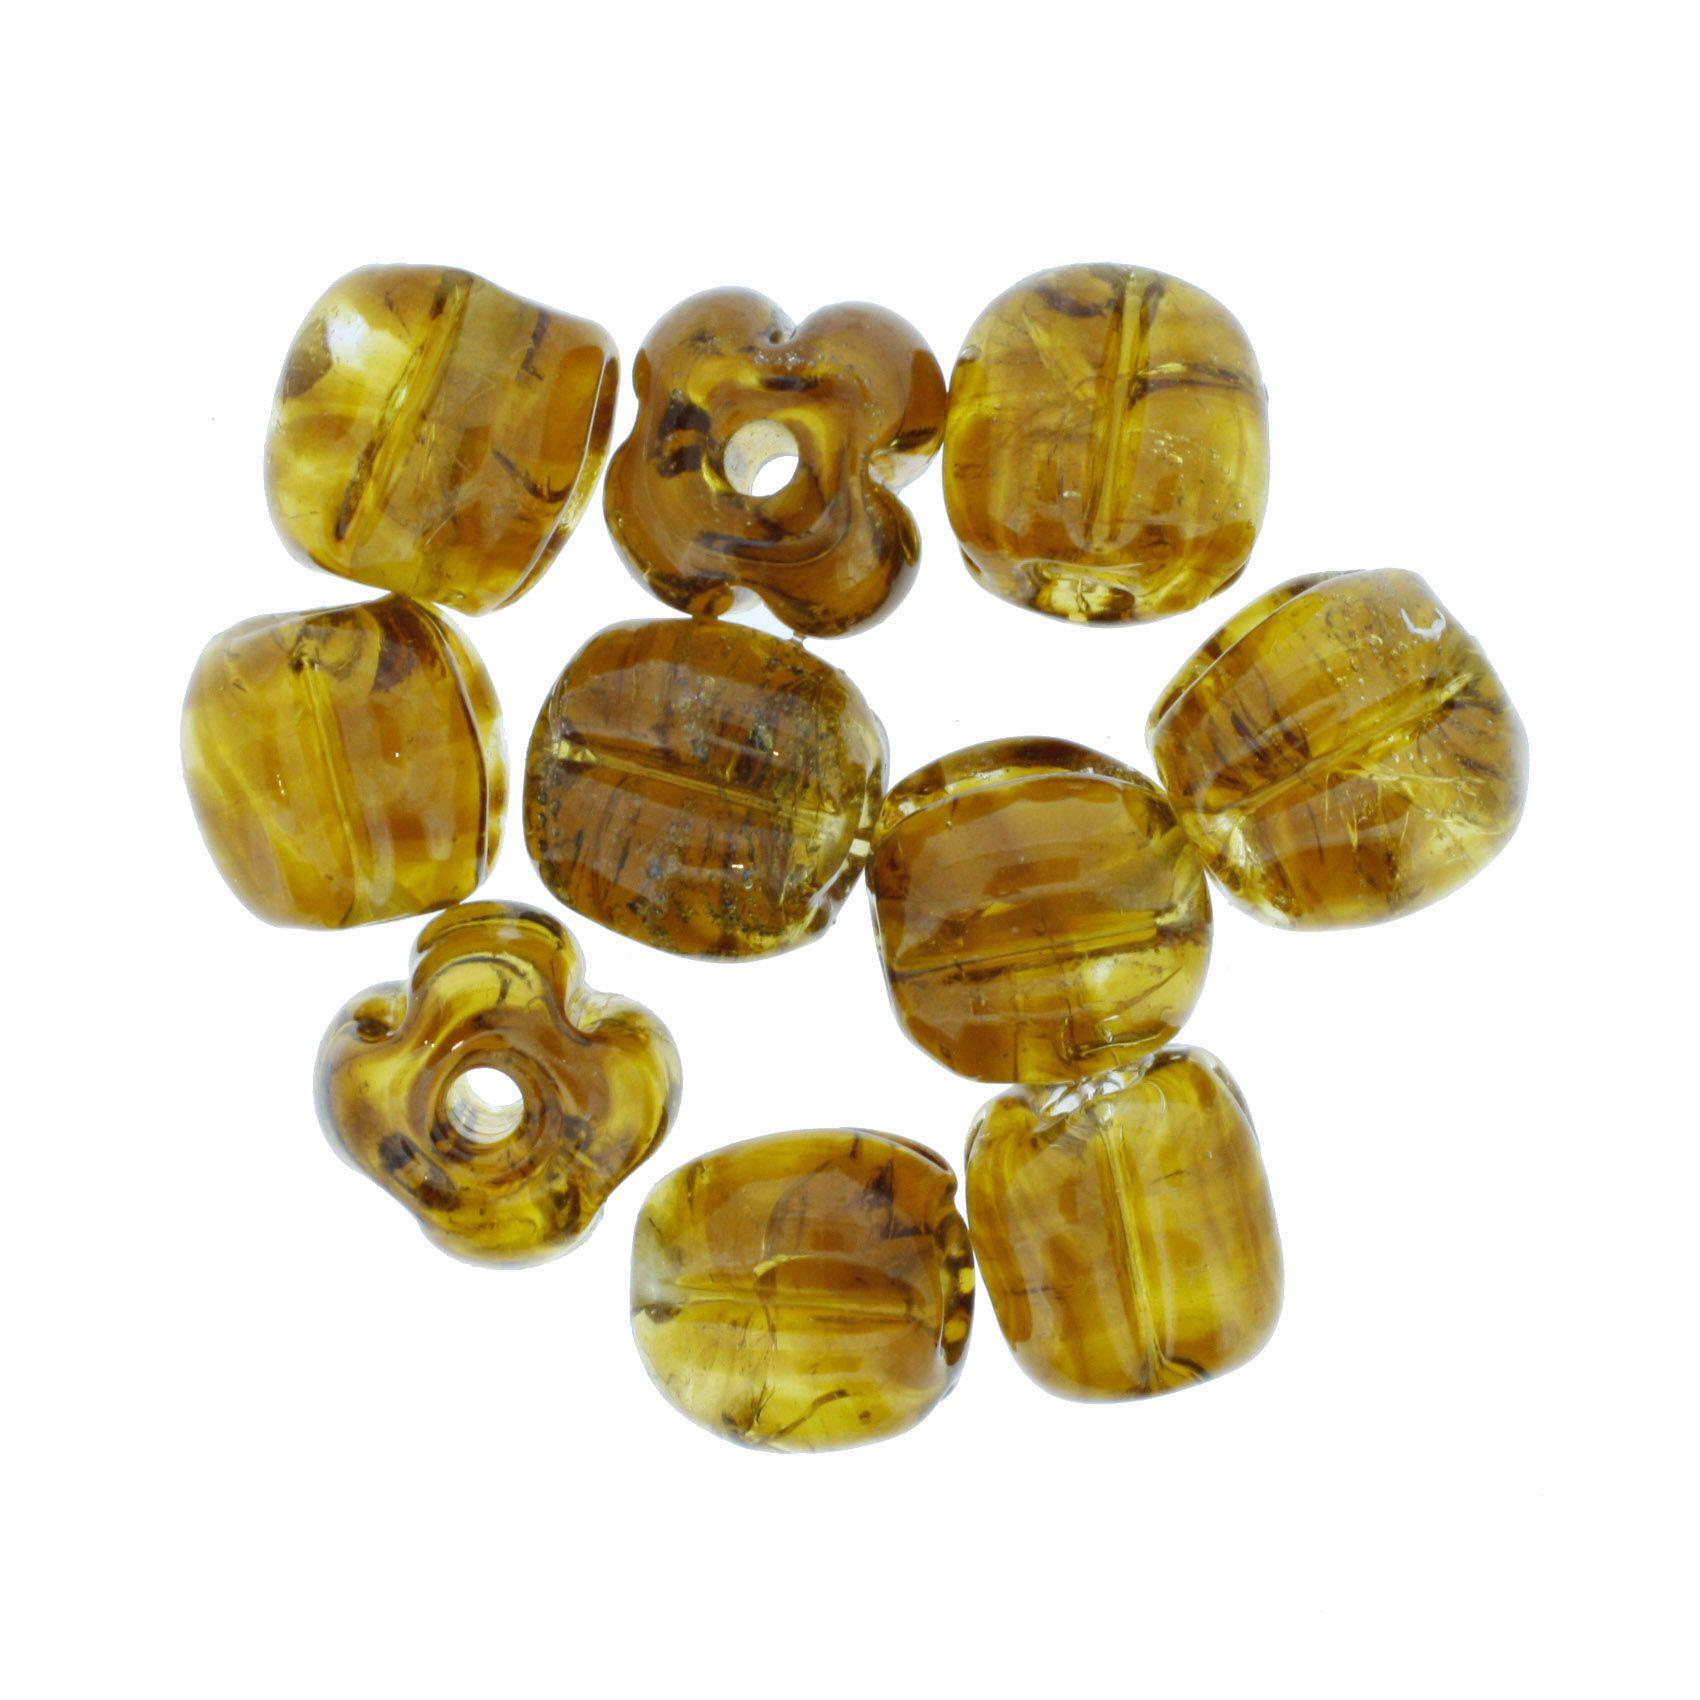 Firma Pitanga - Dourada Âmbar Transparente  - Stéphanie Bijoux® - Peças para Bijuterias e Artesanato